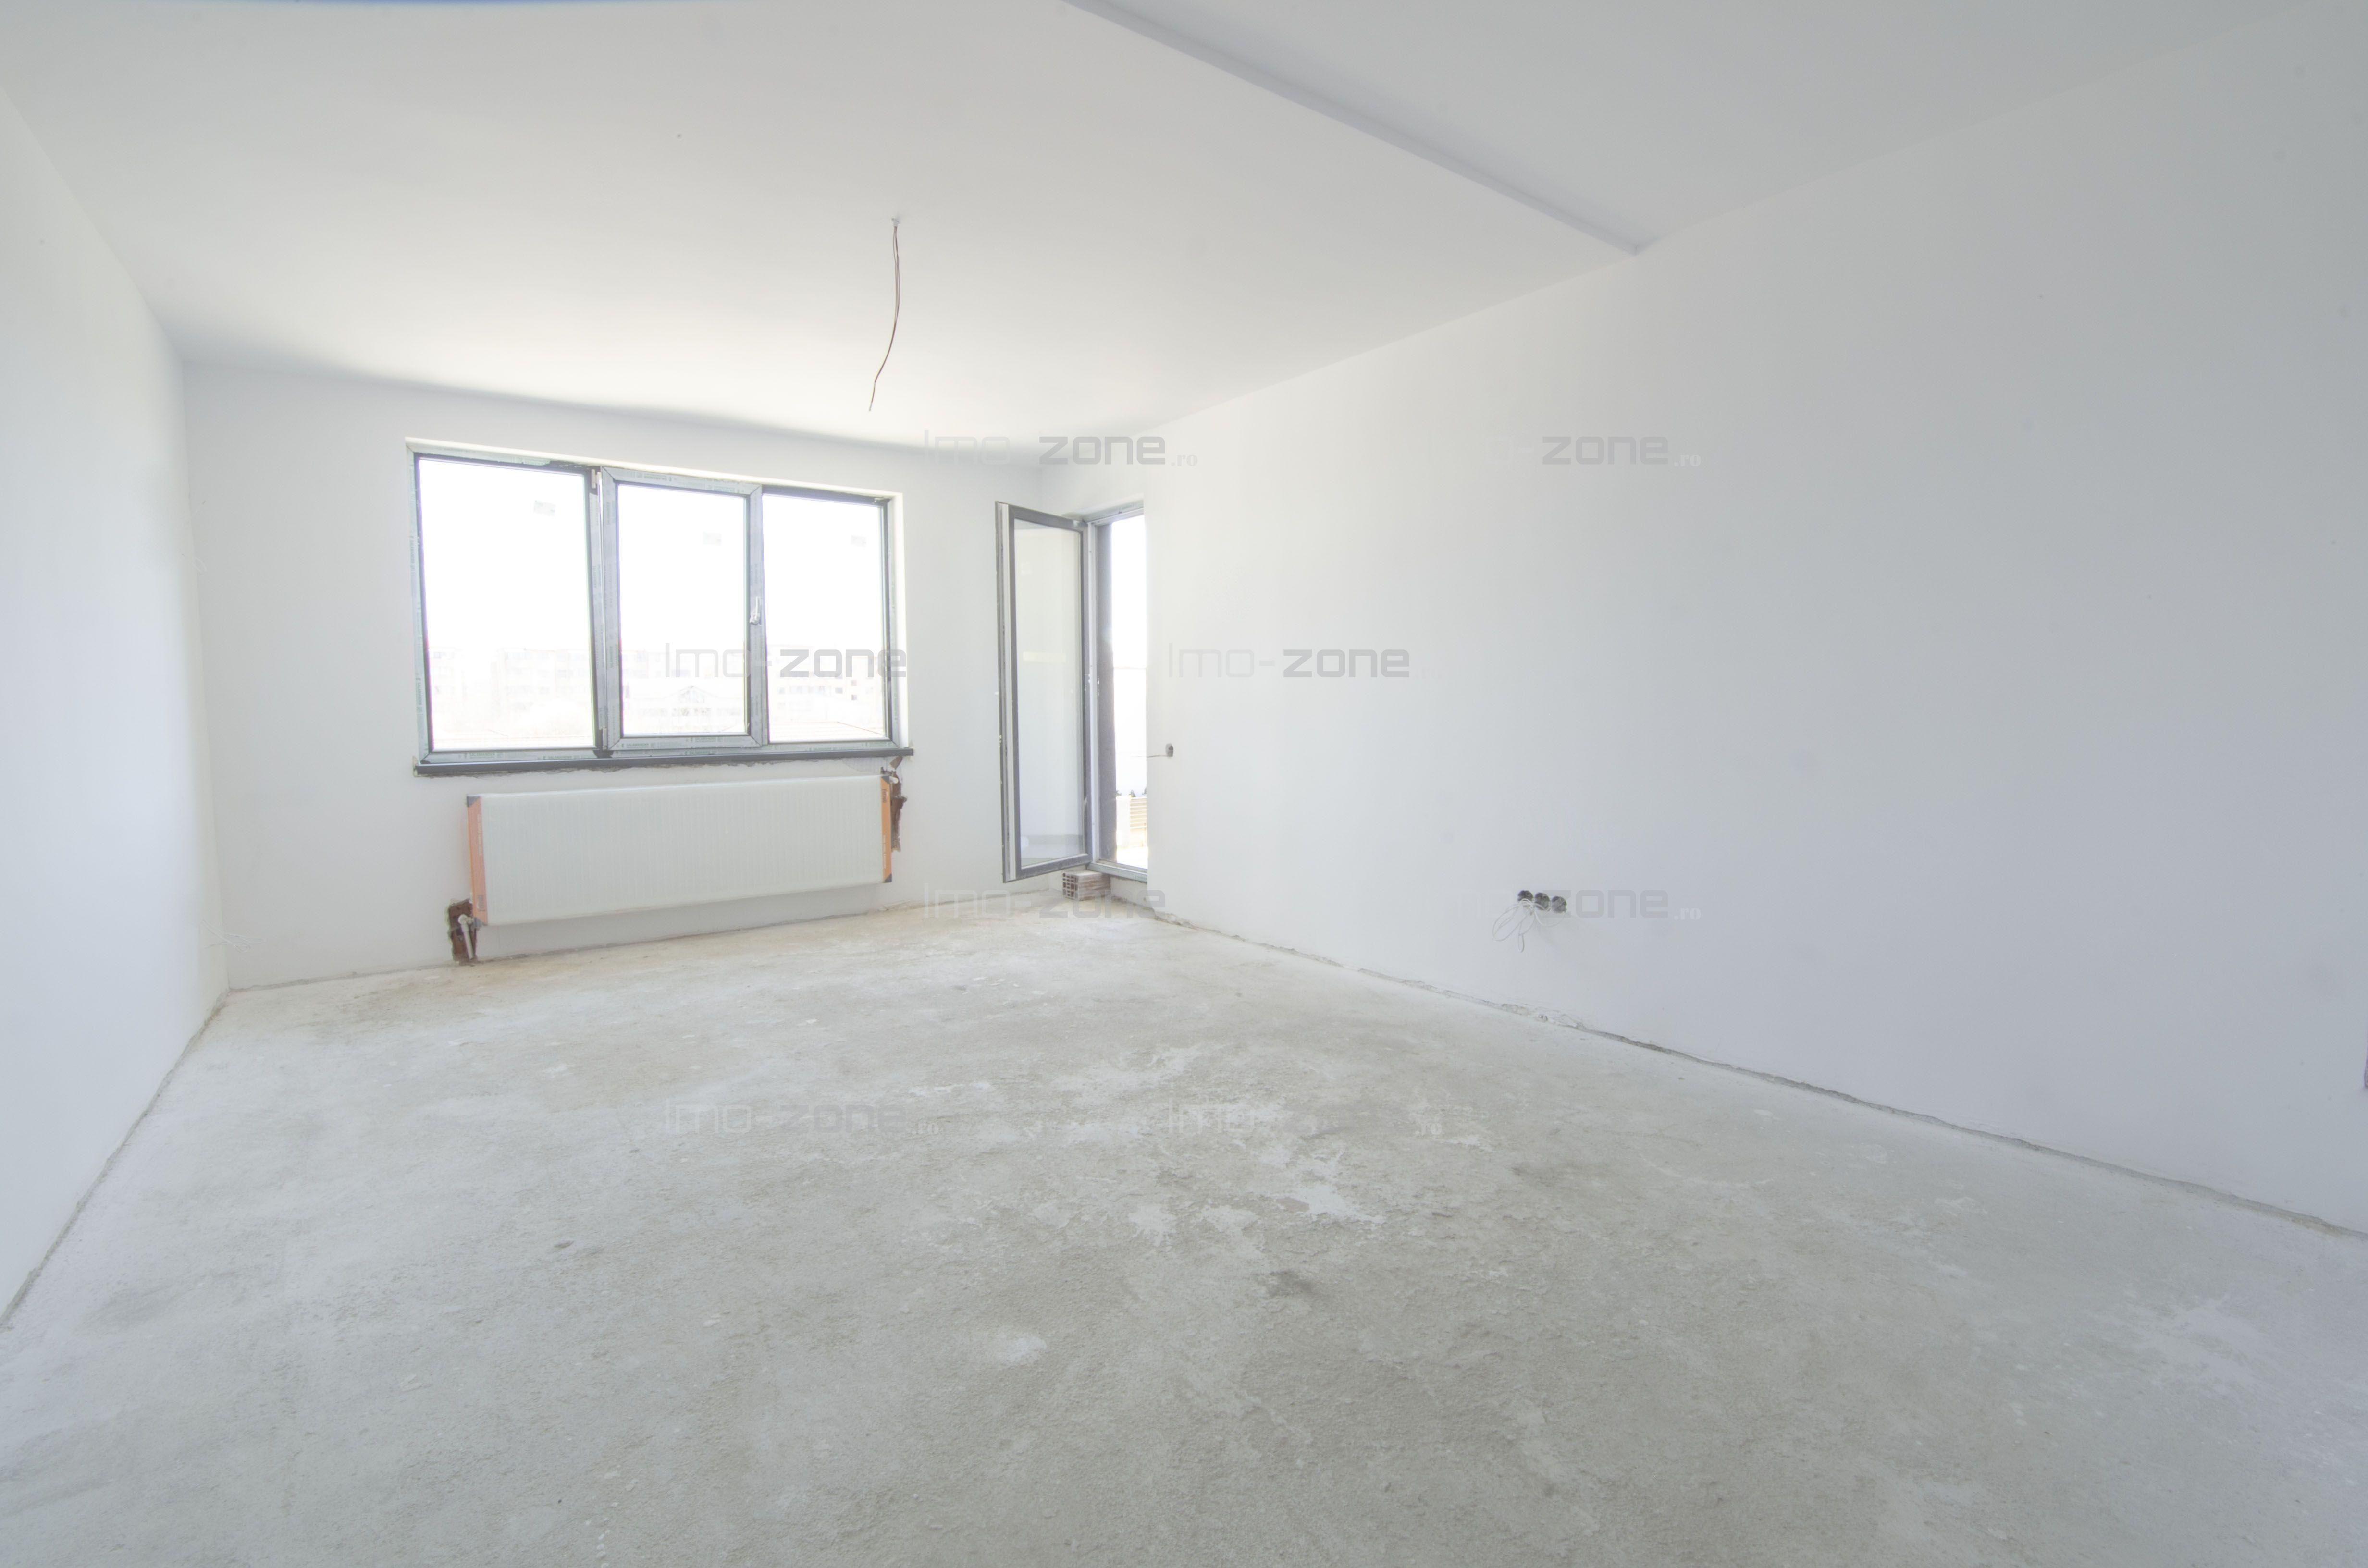 2 CAMERE spatios, 59 mp cu terasa de 6.5 mp, VAV PARC, FINISAT, etaj 1